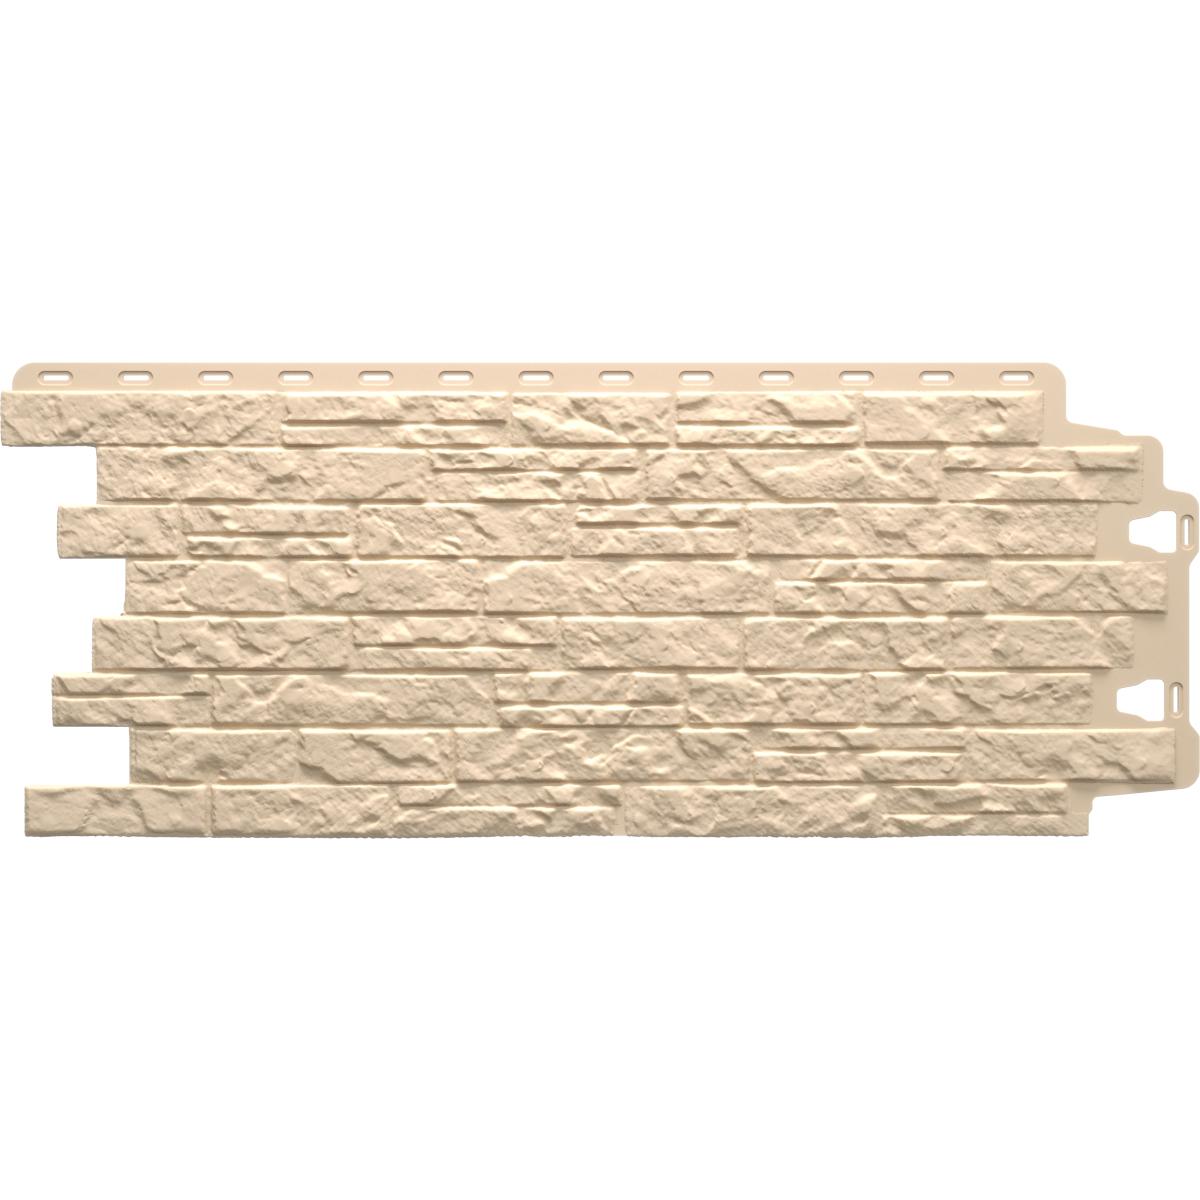 Фасадная панель Песчаник слоистый цвет бежевый